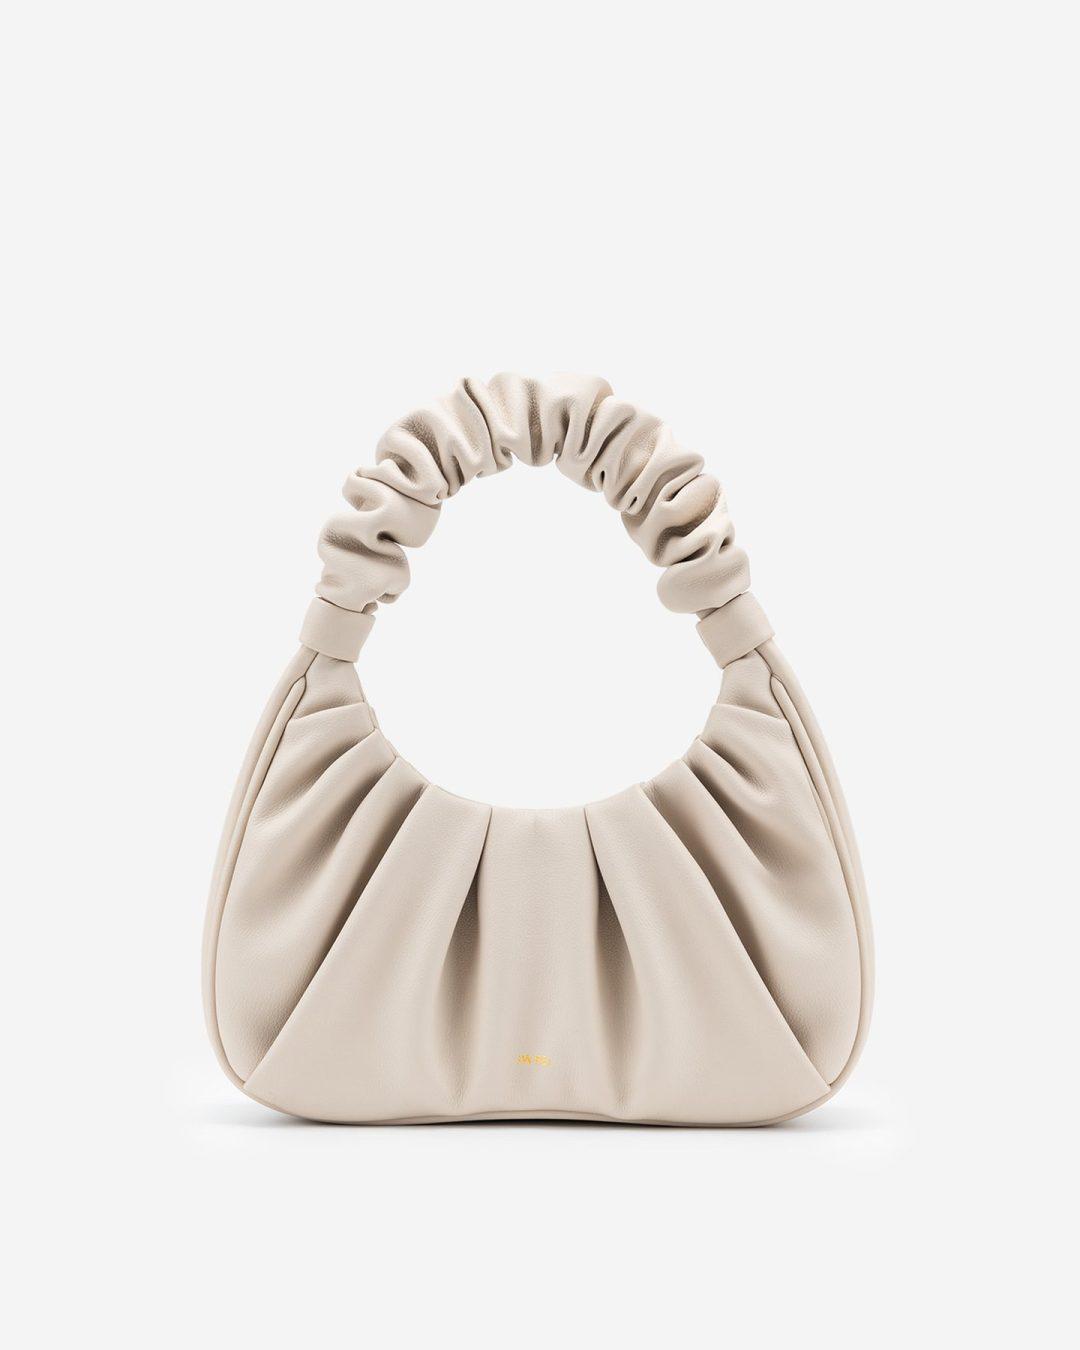 The Gabbi bag for Best Minimalist Purses